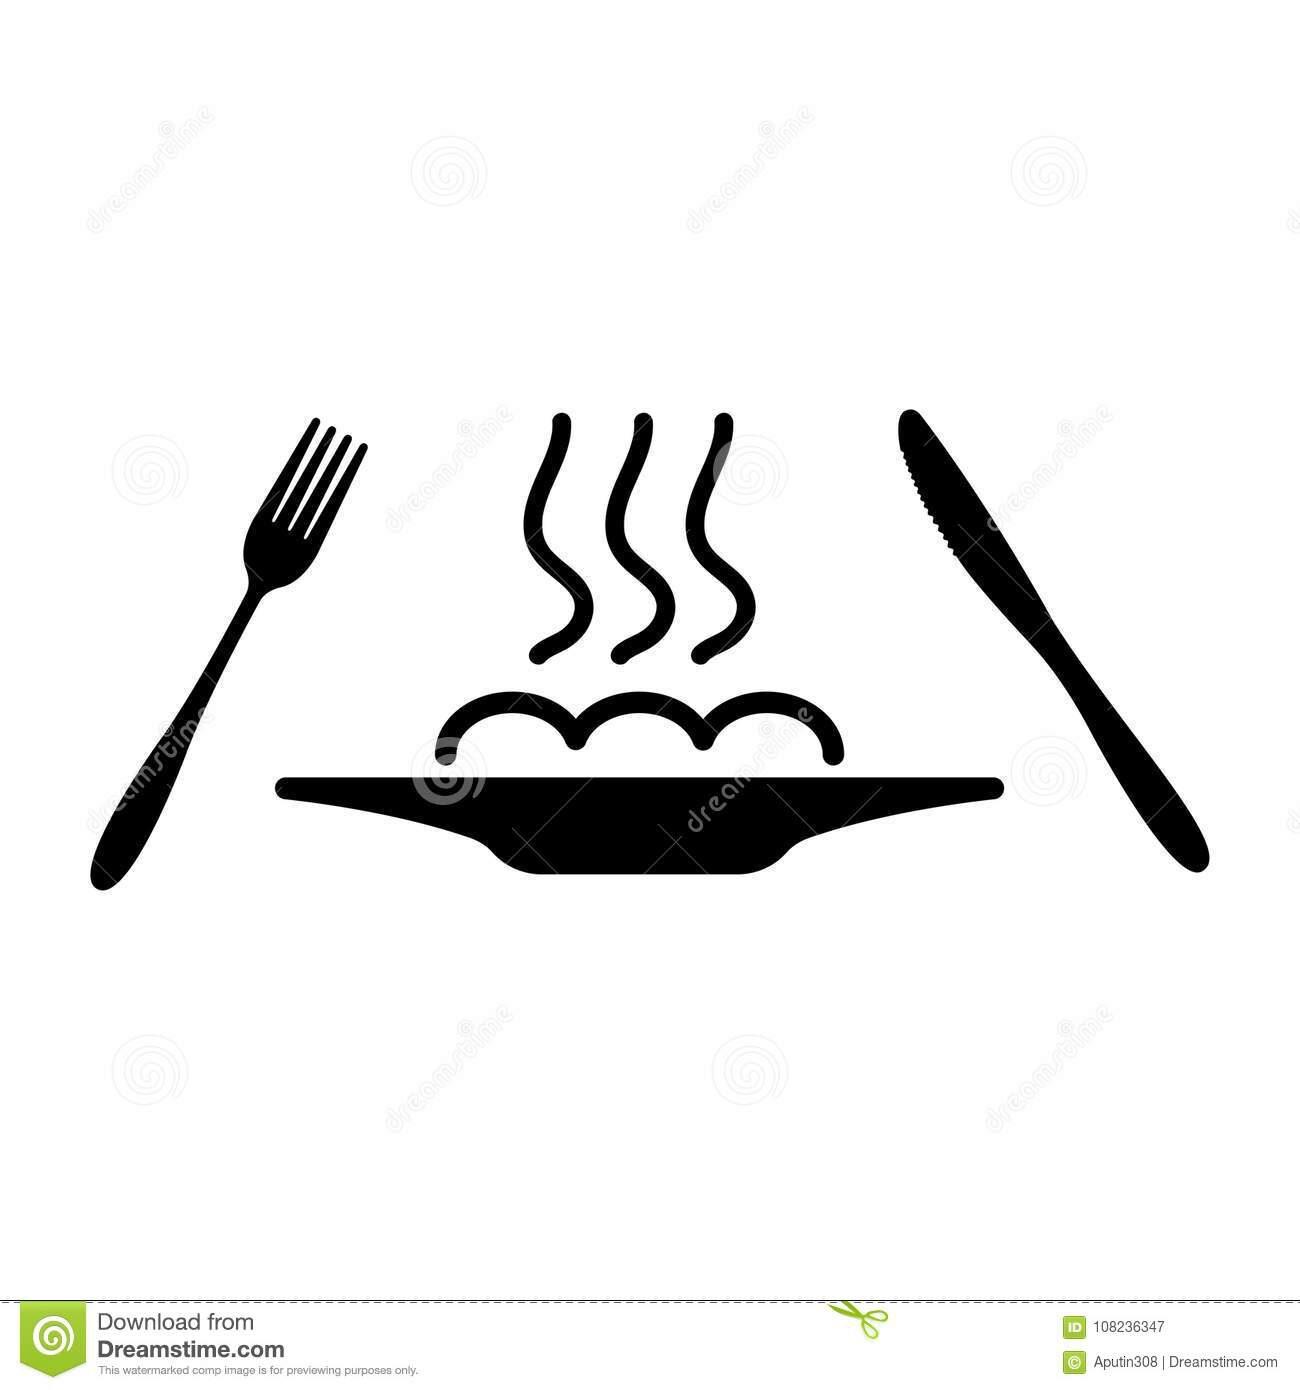 le-plat-chaud-du-la-fourchette-et-couteau-dirigent-l-icône-couverts-d-isolement-sur-fond-blanc-108236347.jpg